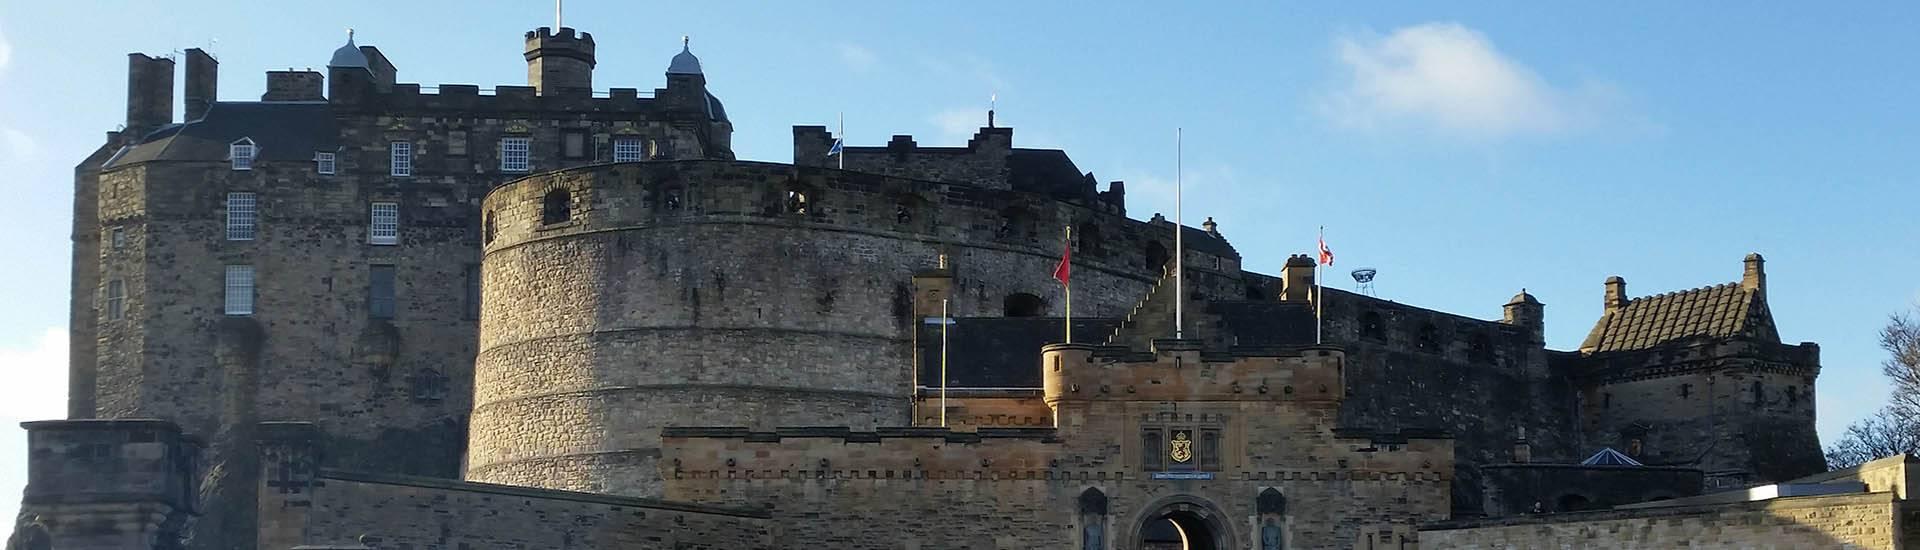 Edinburgh Castle - Christian Heritage Centre